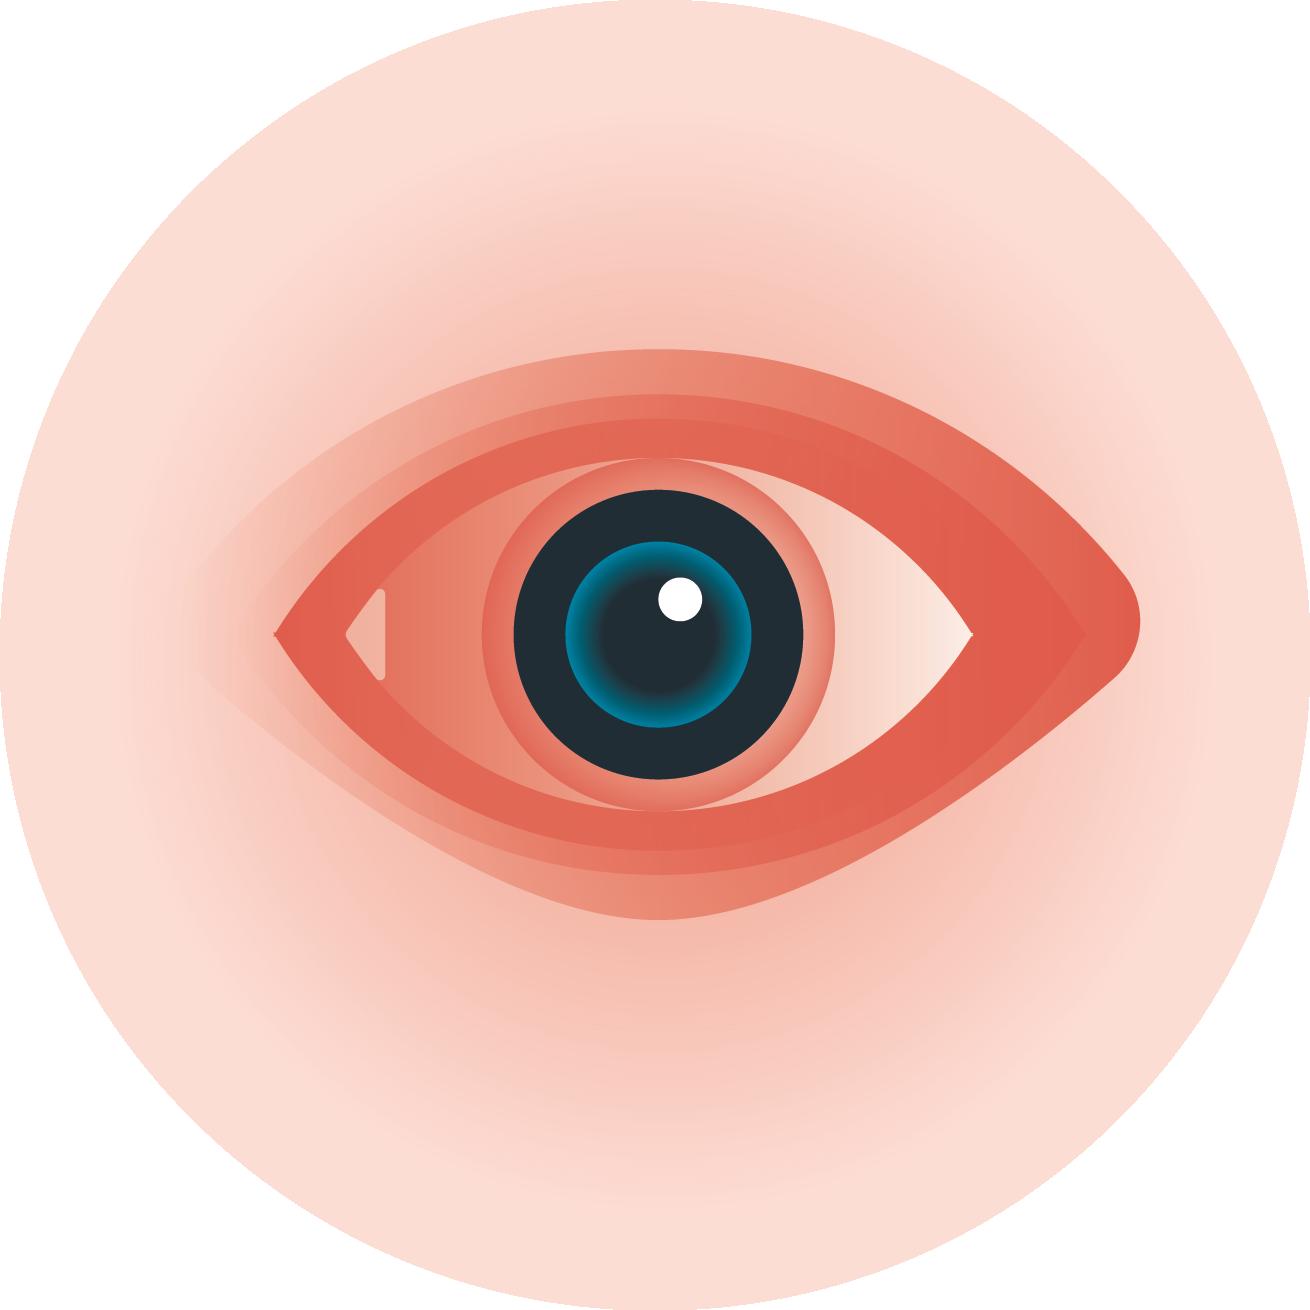 clip art black and white stock eyeball clipart eye irritation #78612149